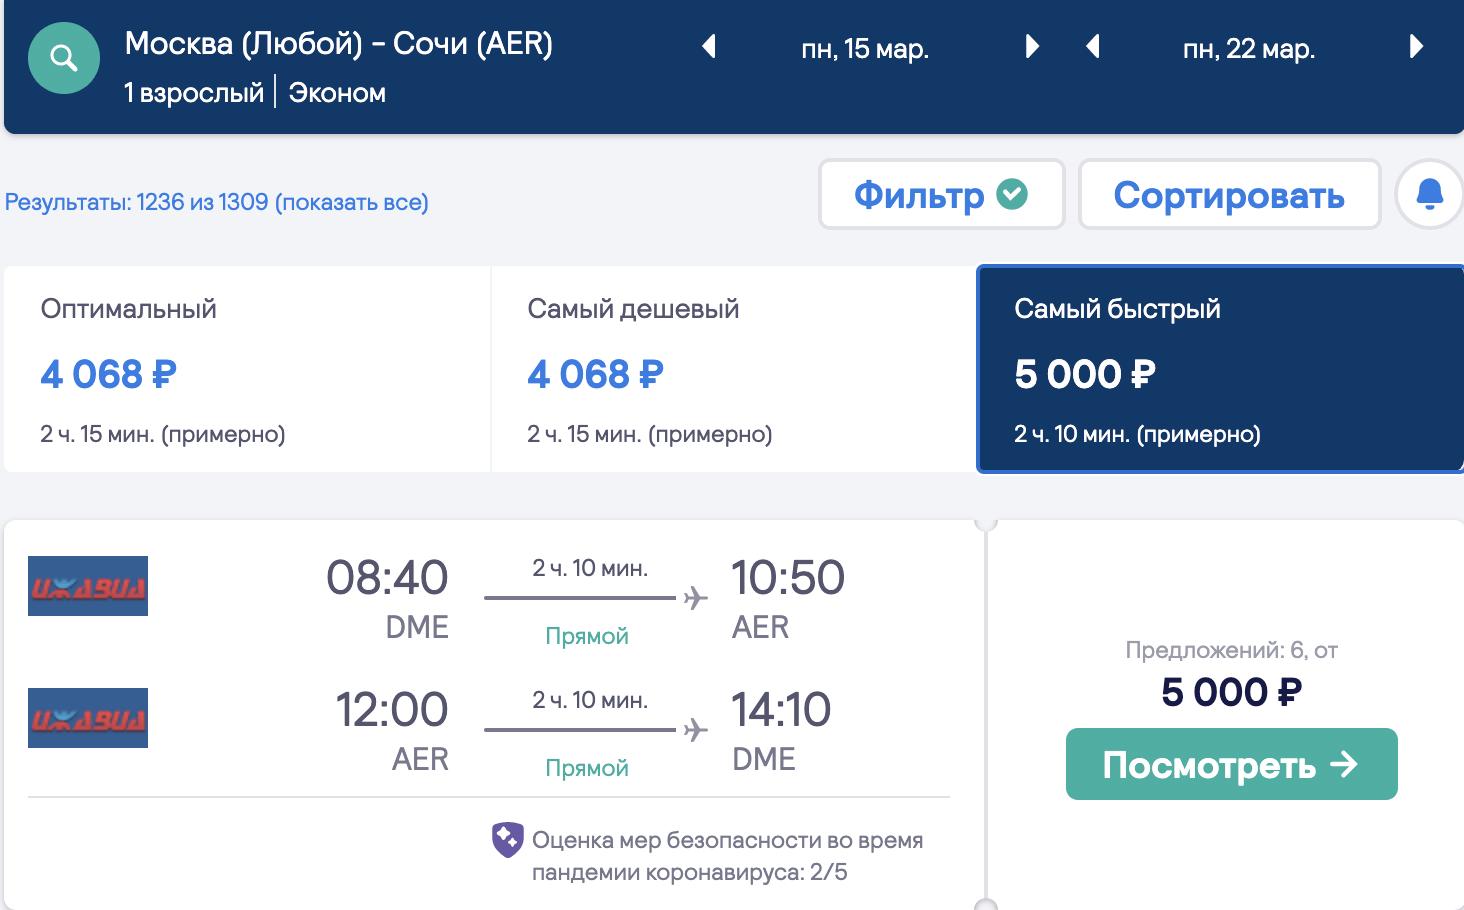 С марта по июнь: летим из Москвы в Сочи за 5000₽ туда-обратно со снарягой